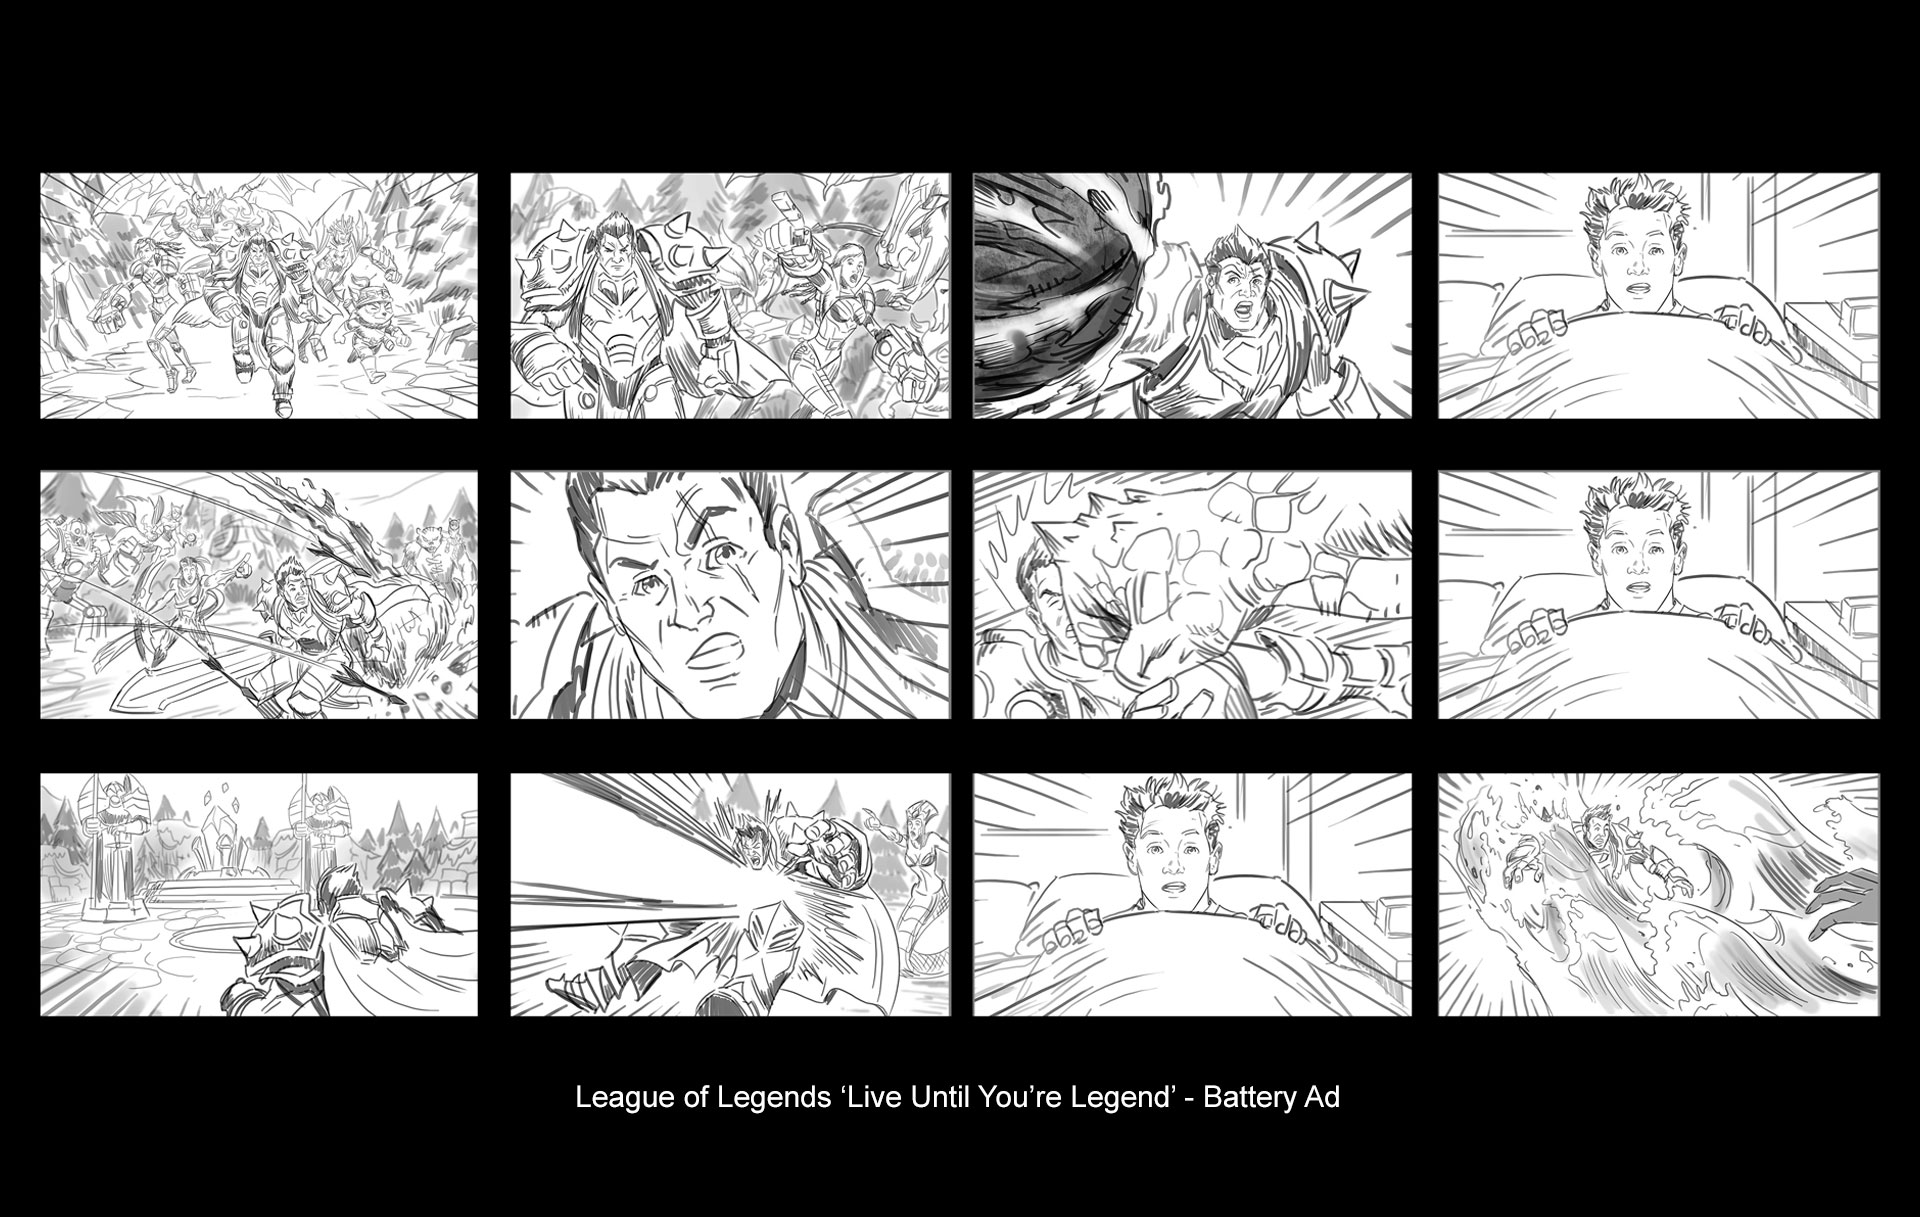 League-of-Legends-1.jpg